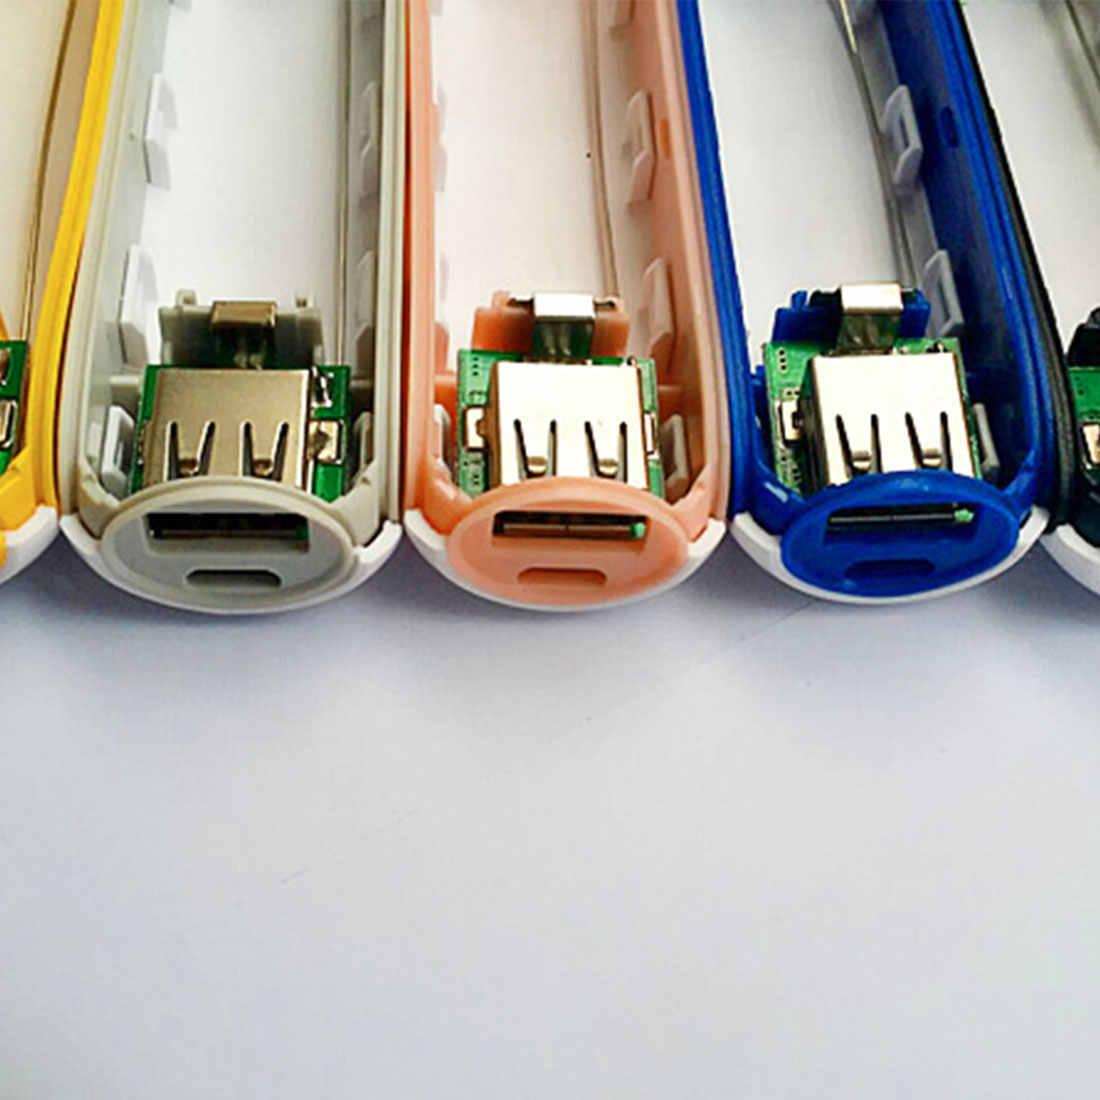 多色金属パワーバンク Diy キット収納ケースボックス送料溶接スーツ 1 × 18650 バッテリー 5V 1A USB 外部充電器電話